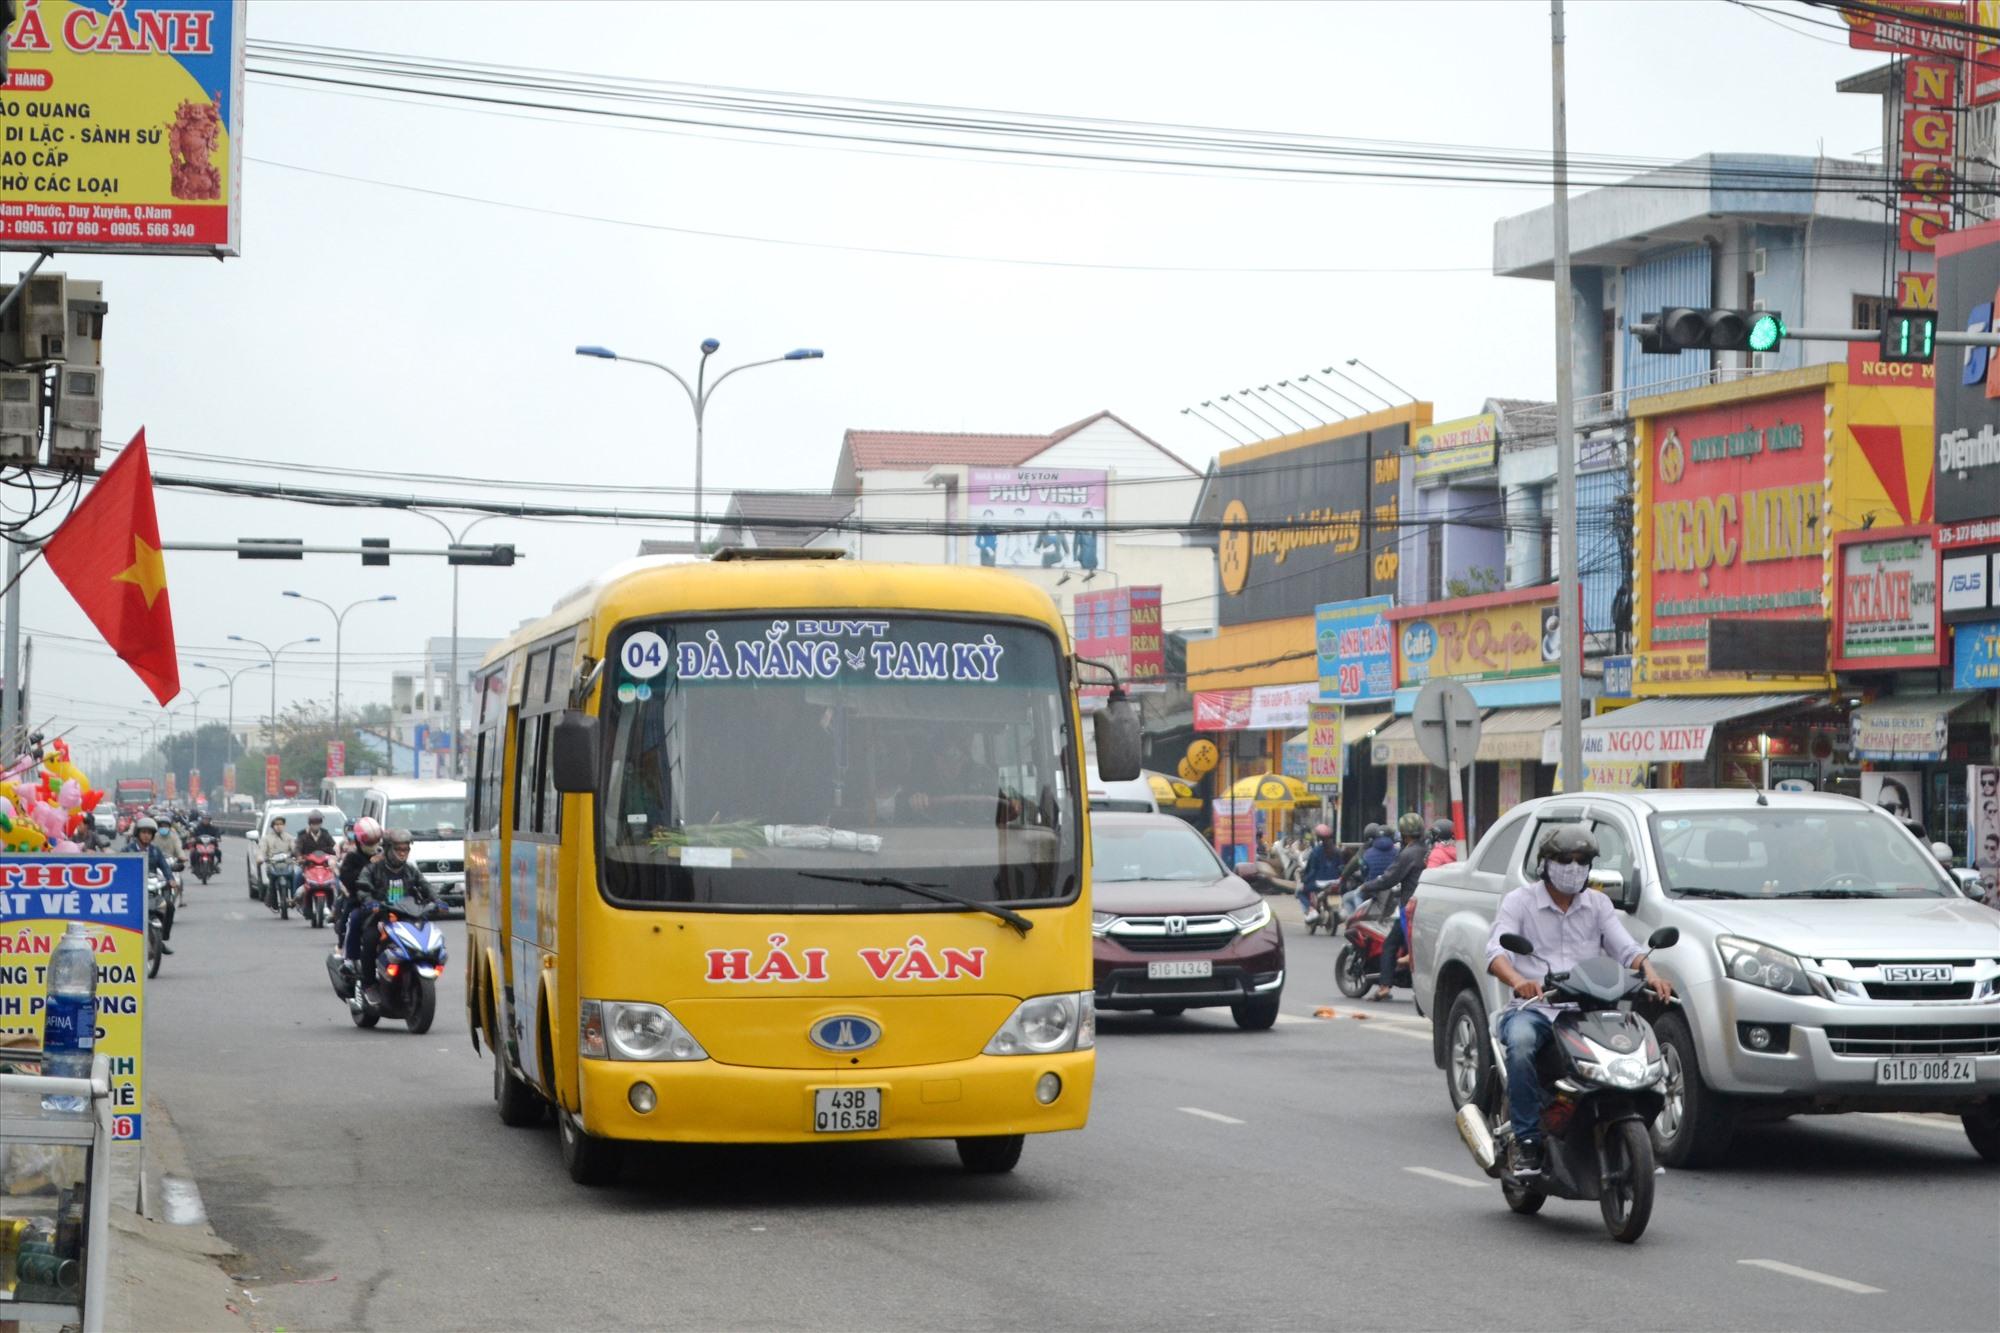 Xe buýt liên tỉnh liền kề Quảng Nam-Đà Nẵng và ngược lại không chỉ đơn thuần giải quyết nhu cầu đi lại của nhân dân. Ảnh: CT